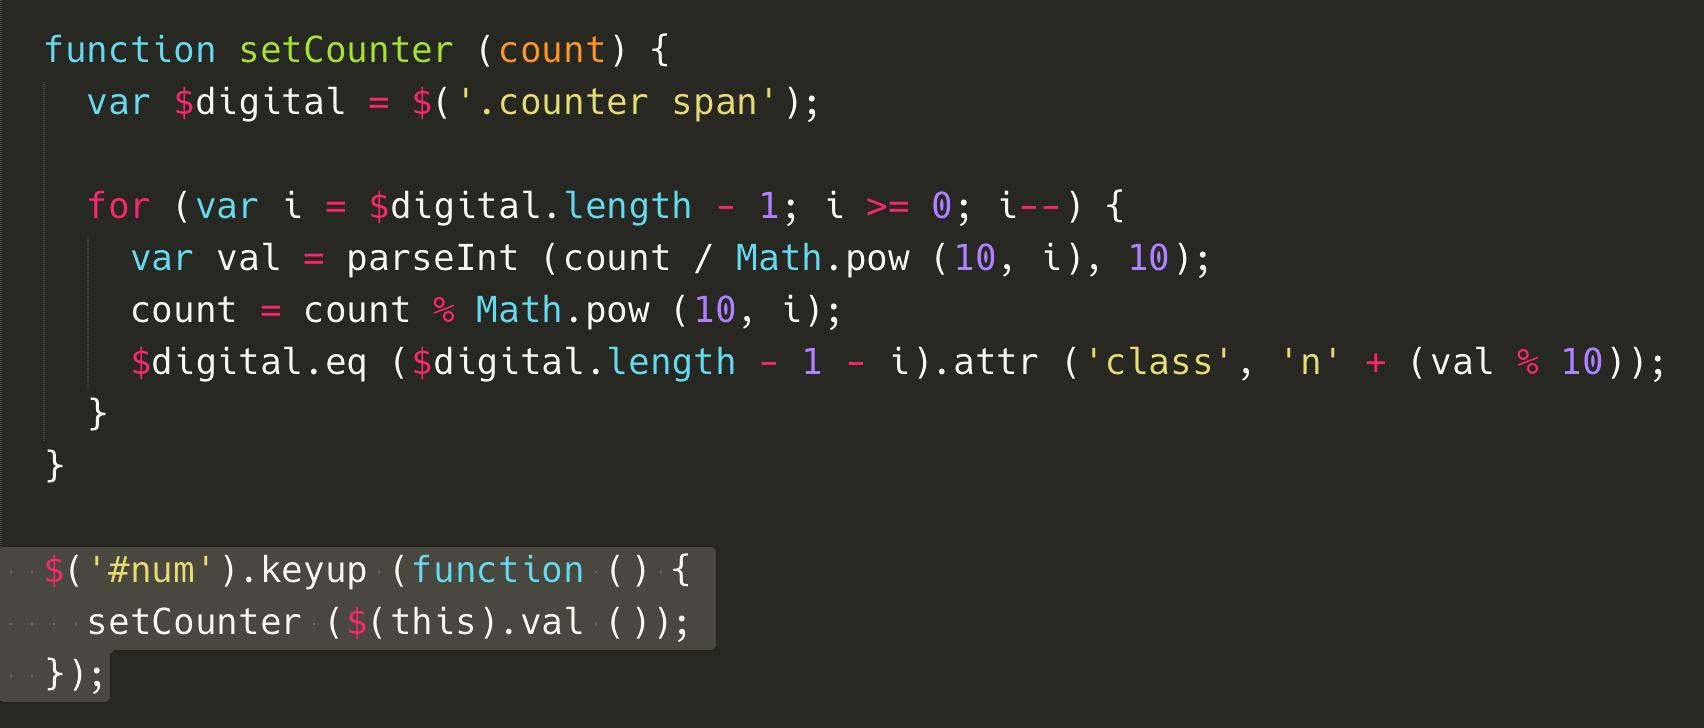 修改一下 JavaScript,讓使用者輸入數字時改變計數器